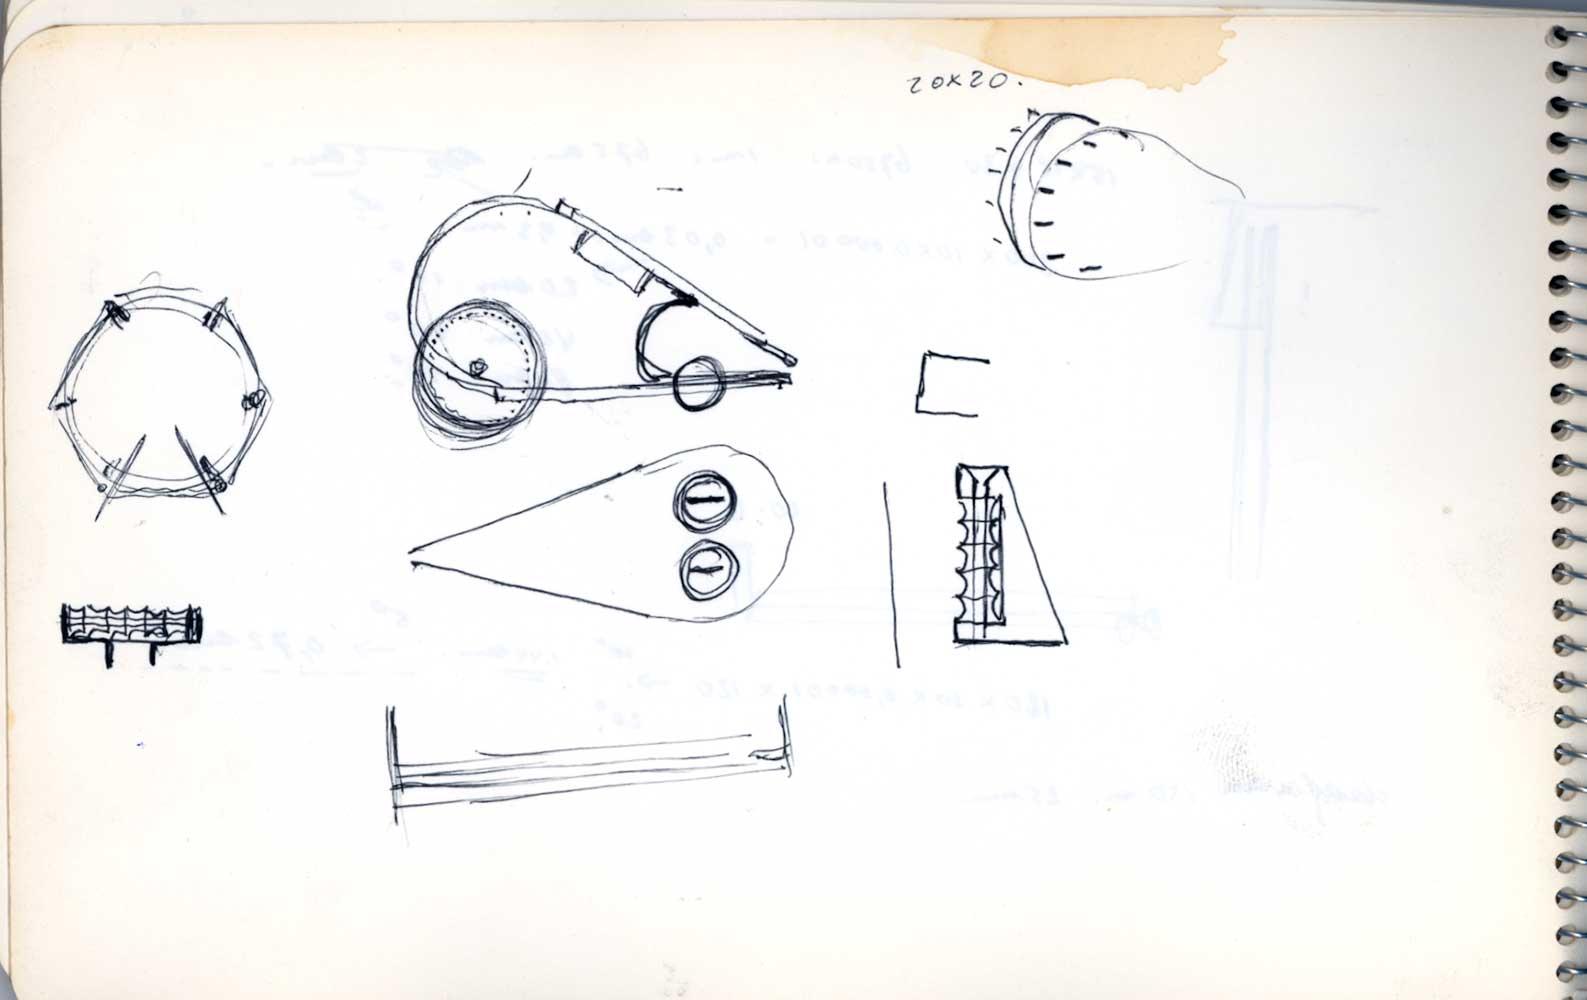 gerrit-van-bakel-berlijnmachine-s1979036